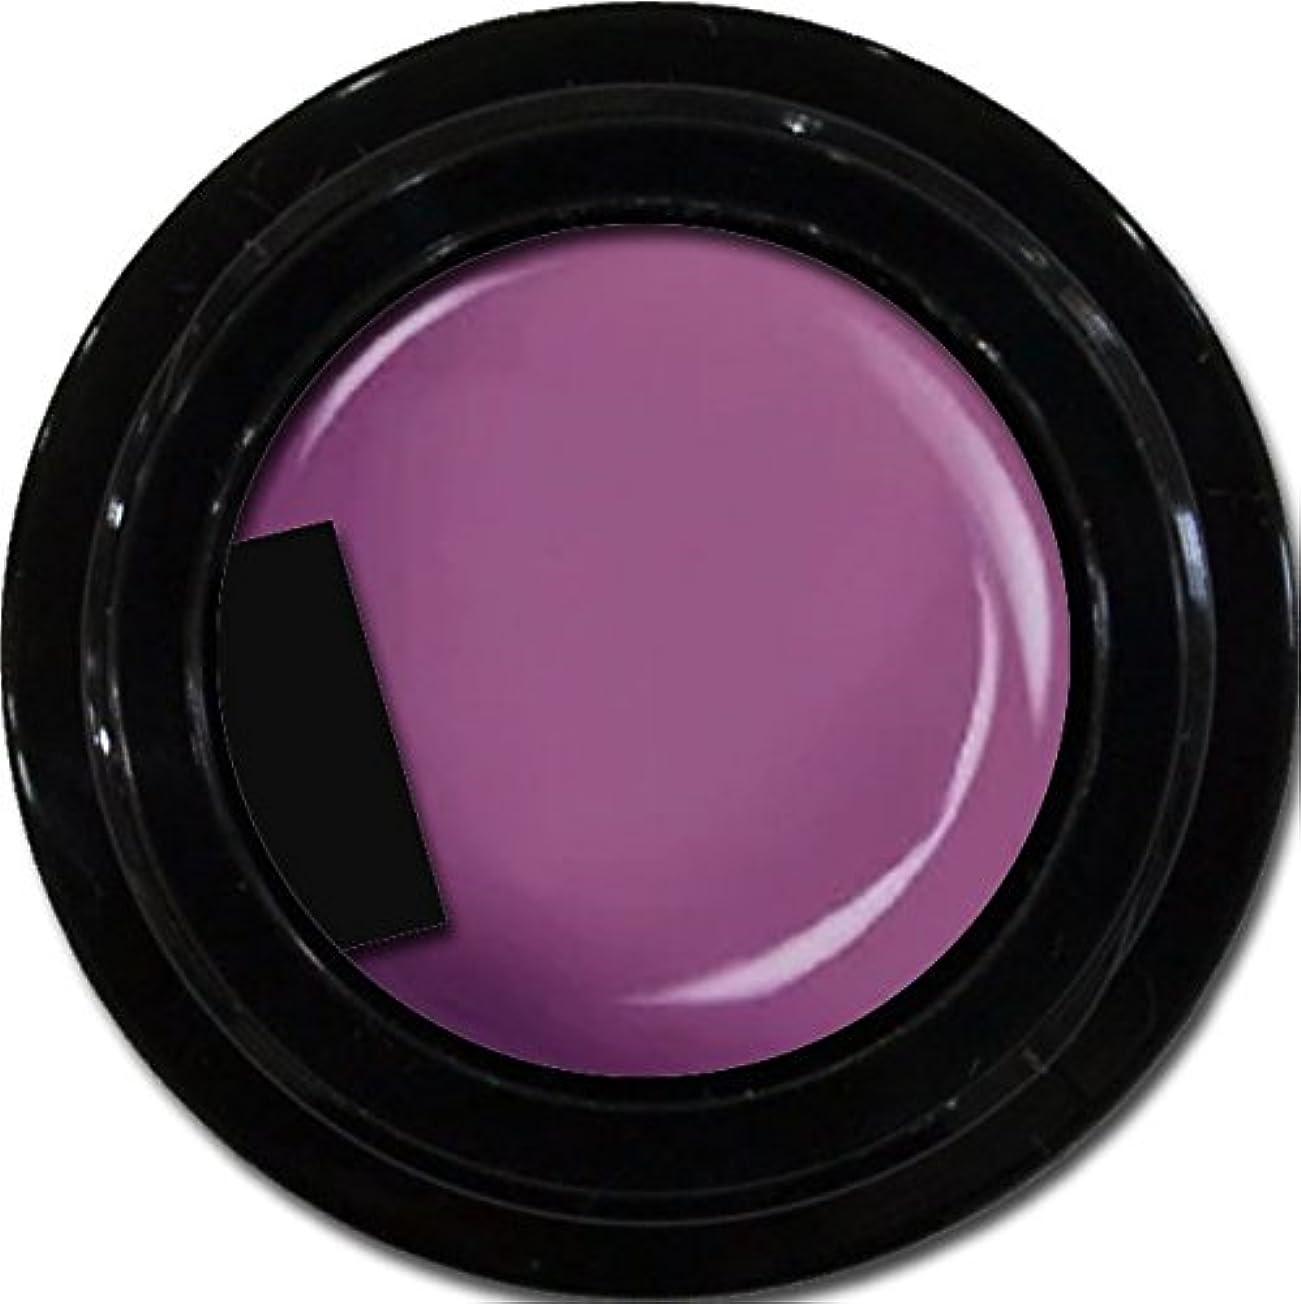 ジョリーおとこつらいカラージェル enchant color gel M509 StarPurple 3g/ マットカラージェル M519スターパープル 3グラム